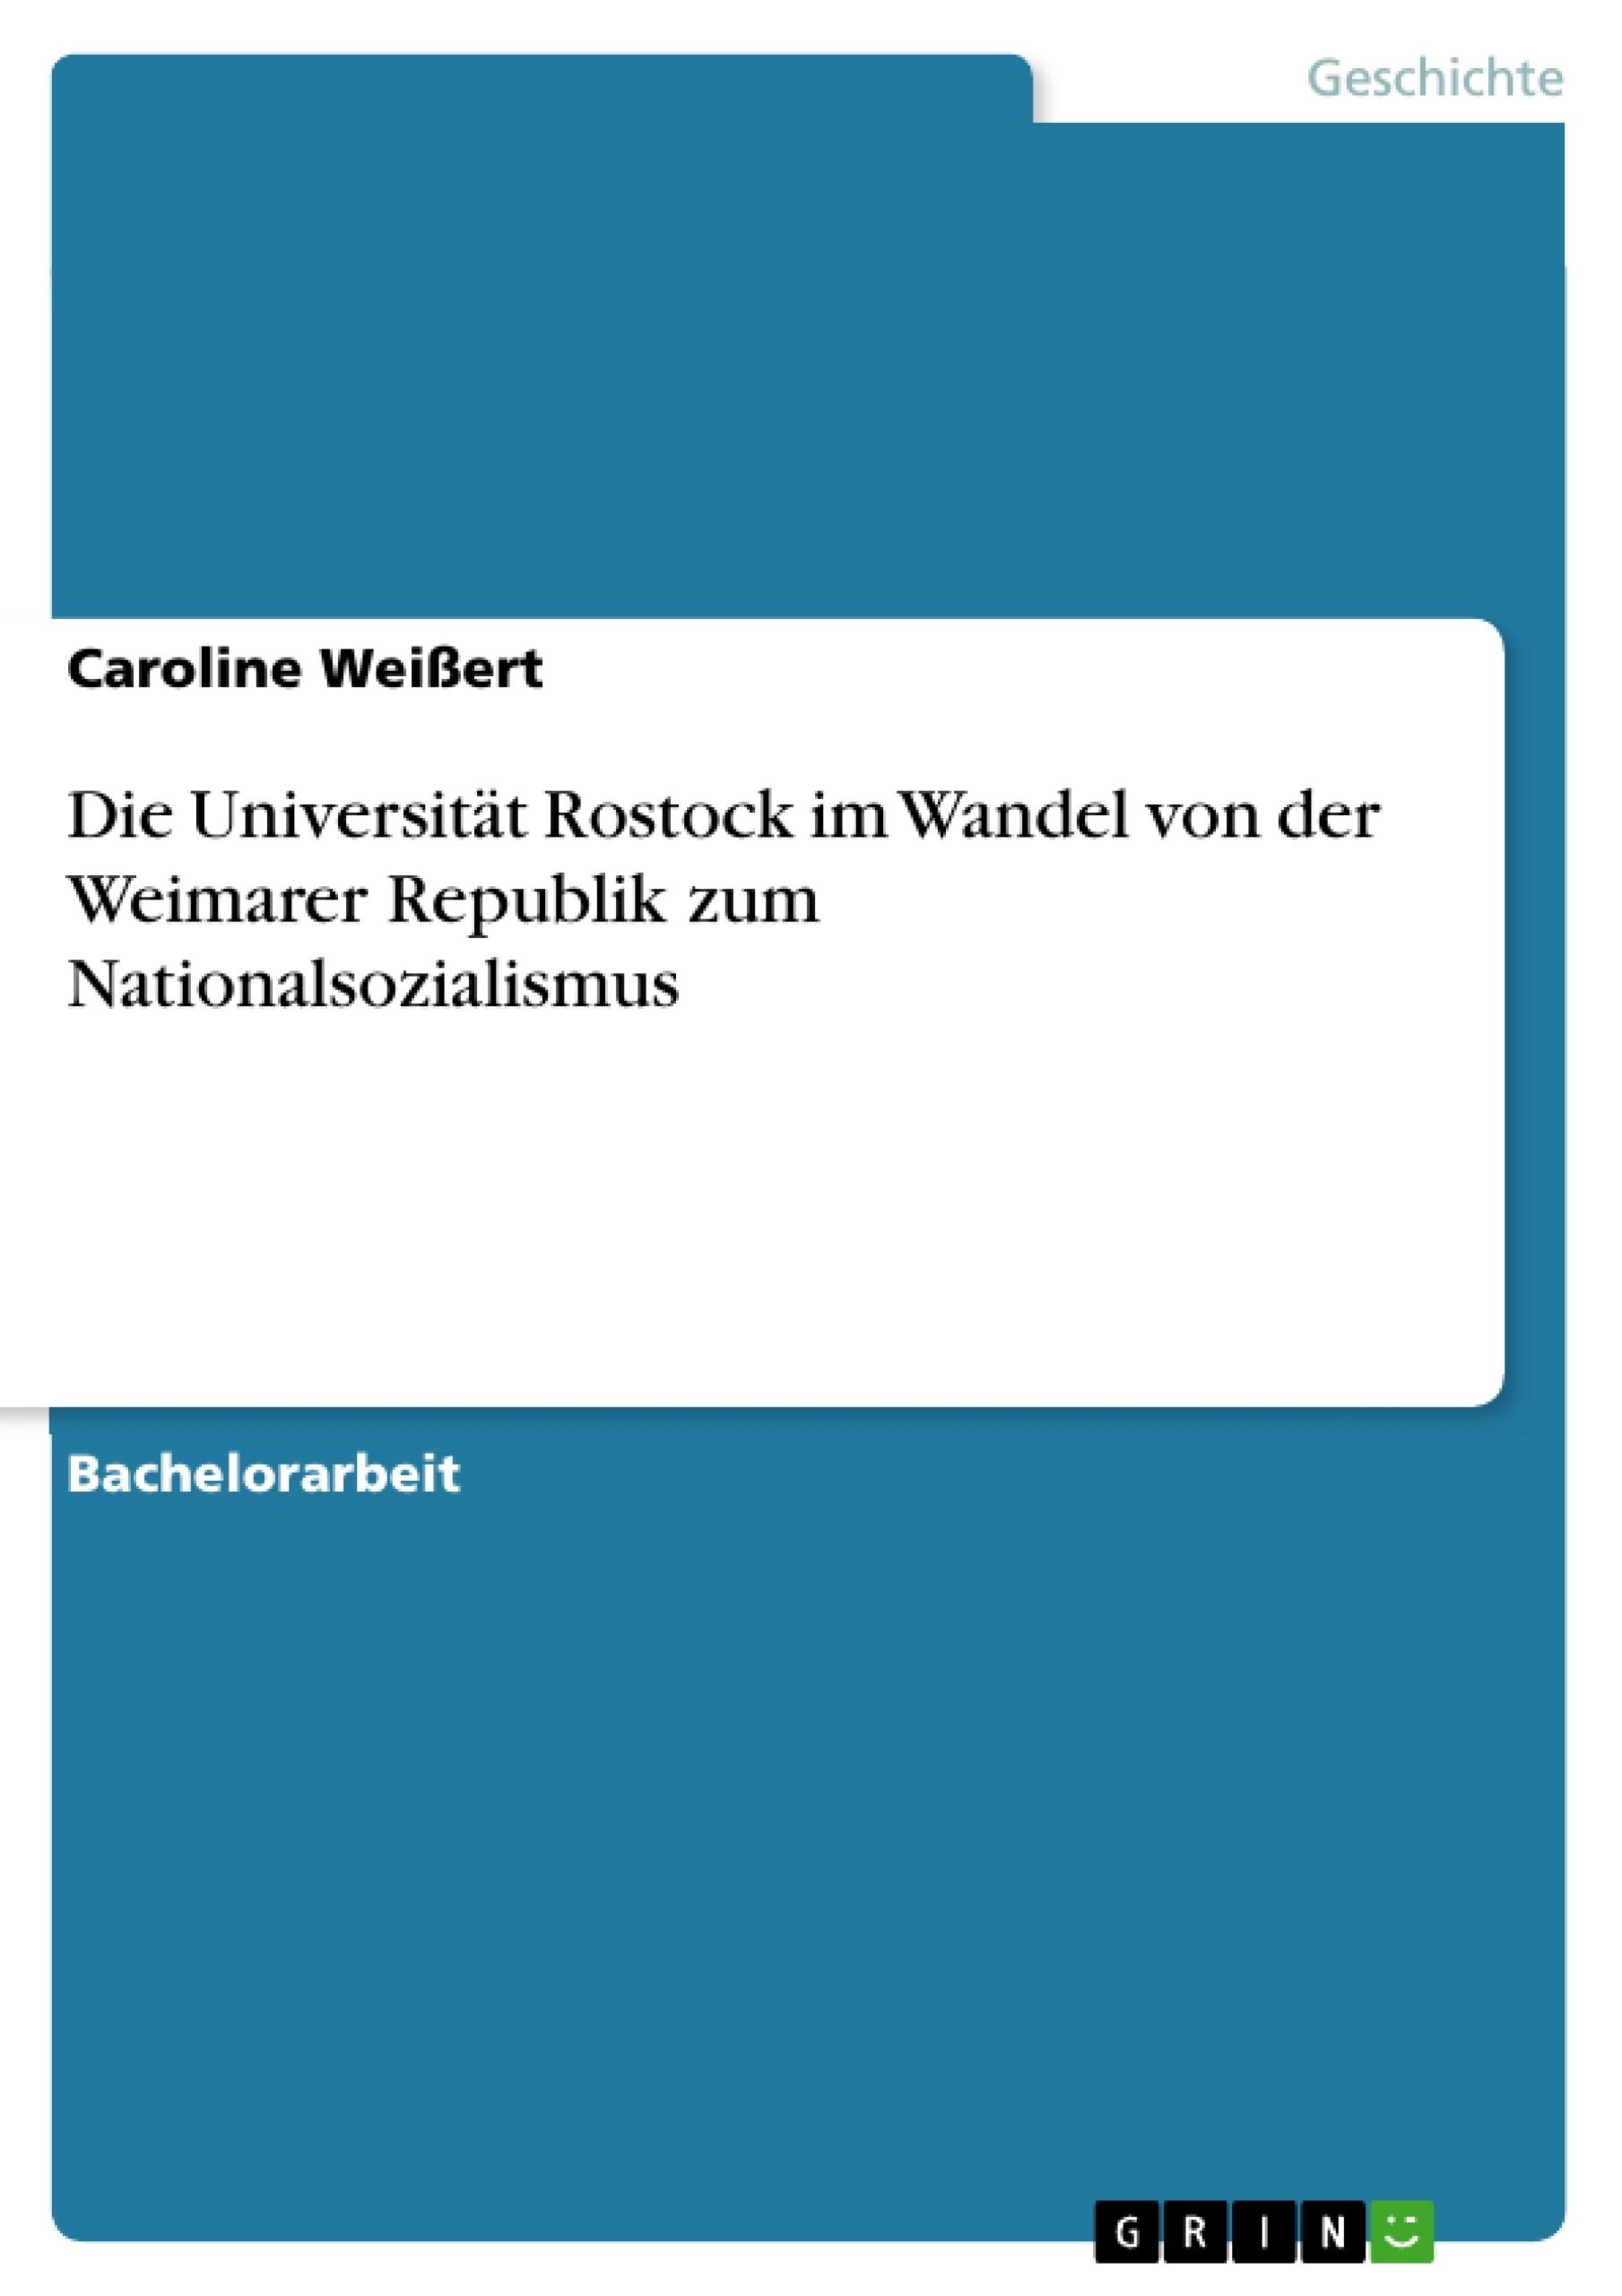 Titel: Die Universität Rostock im Wandel von der Weimarer Republik zum Nationalsozialismus